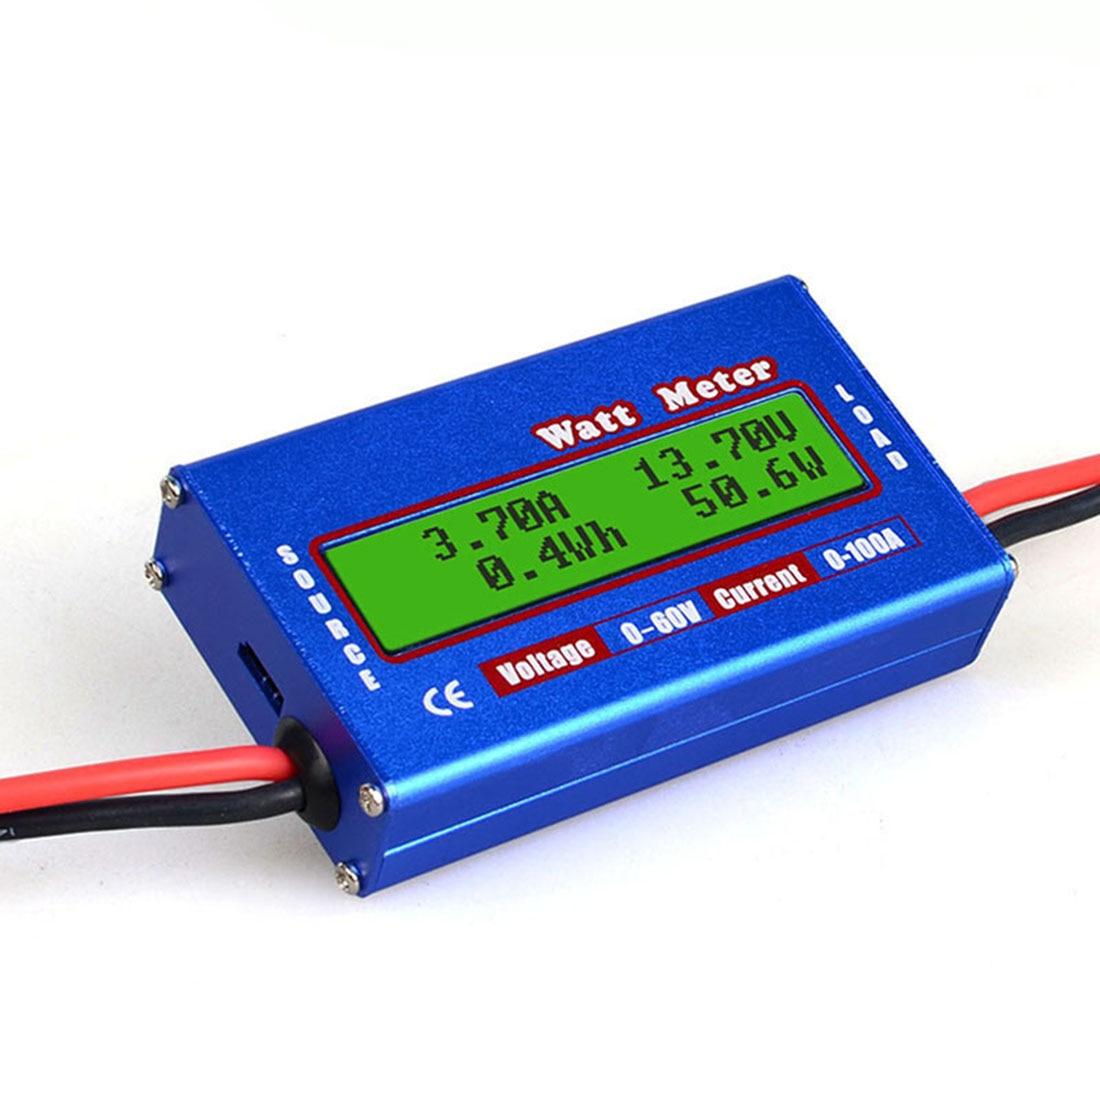 Balance de tension de batterie RC analyseur de puissance Watt mètre contrôleur professionnel Watt mètre équilibreur chargeur RC outils professionnel RC